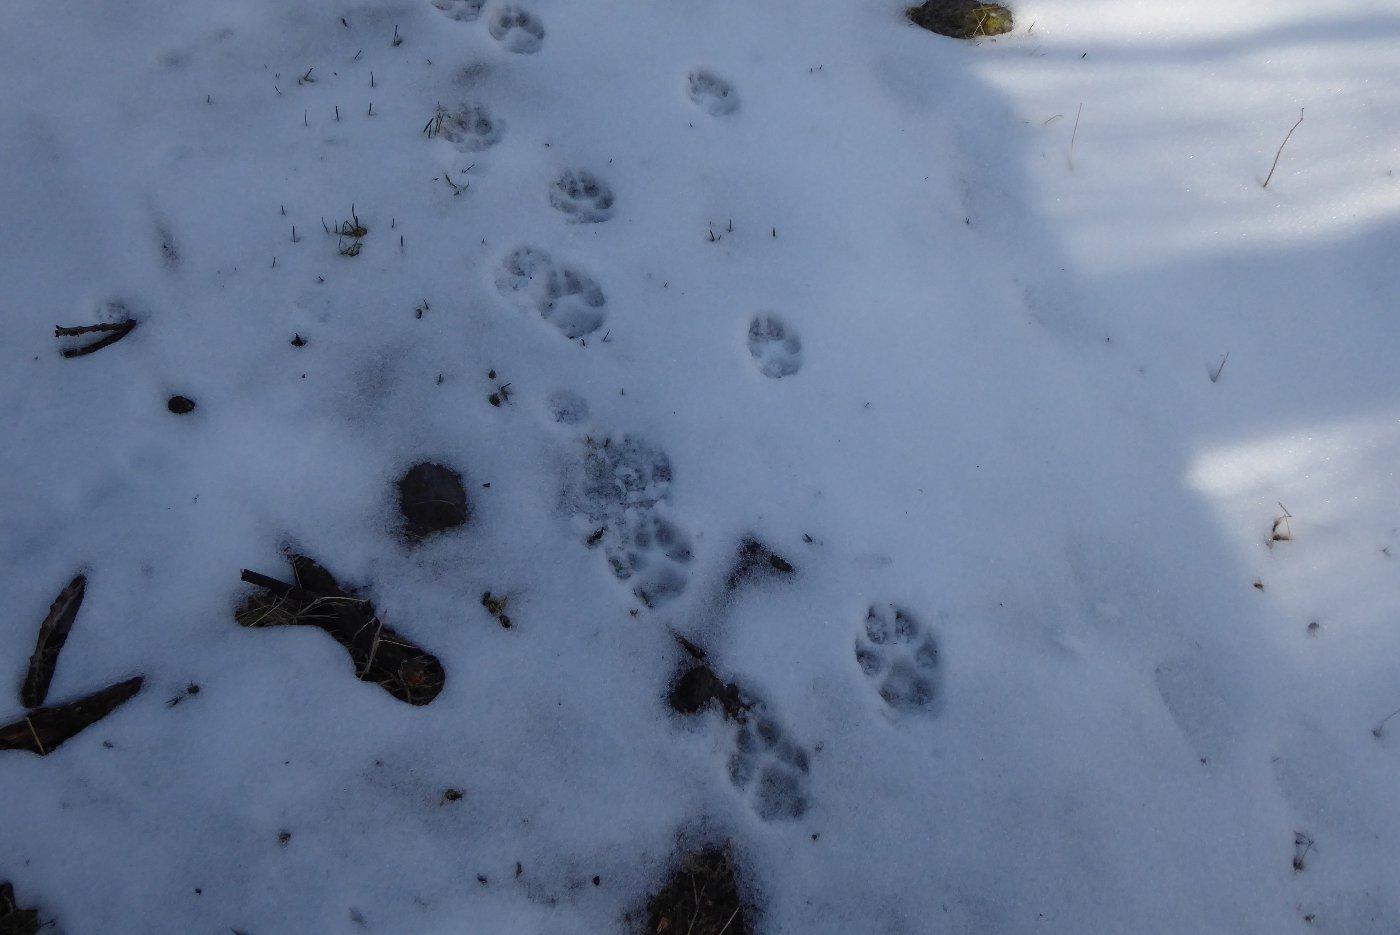 Cani o lupi????